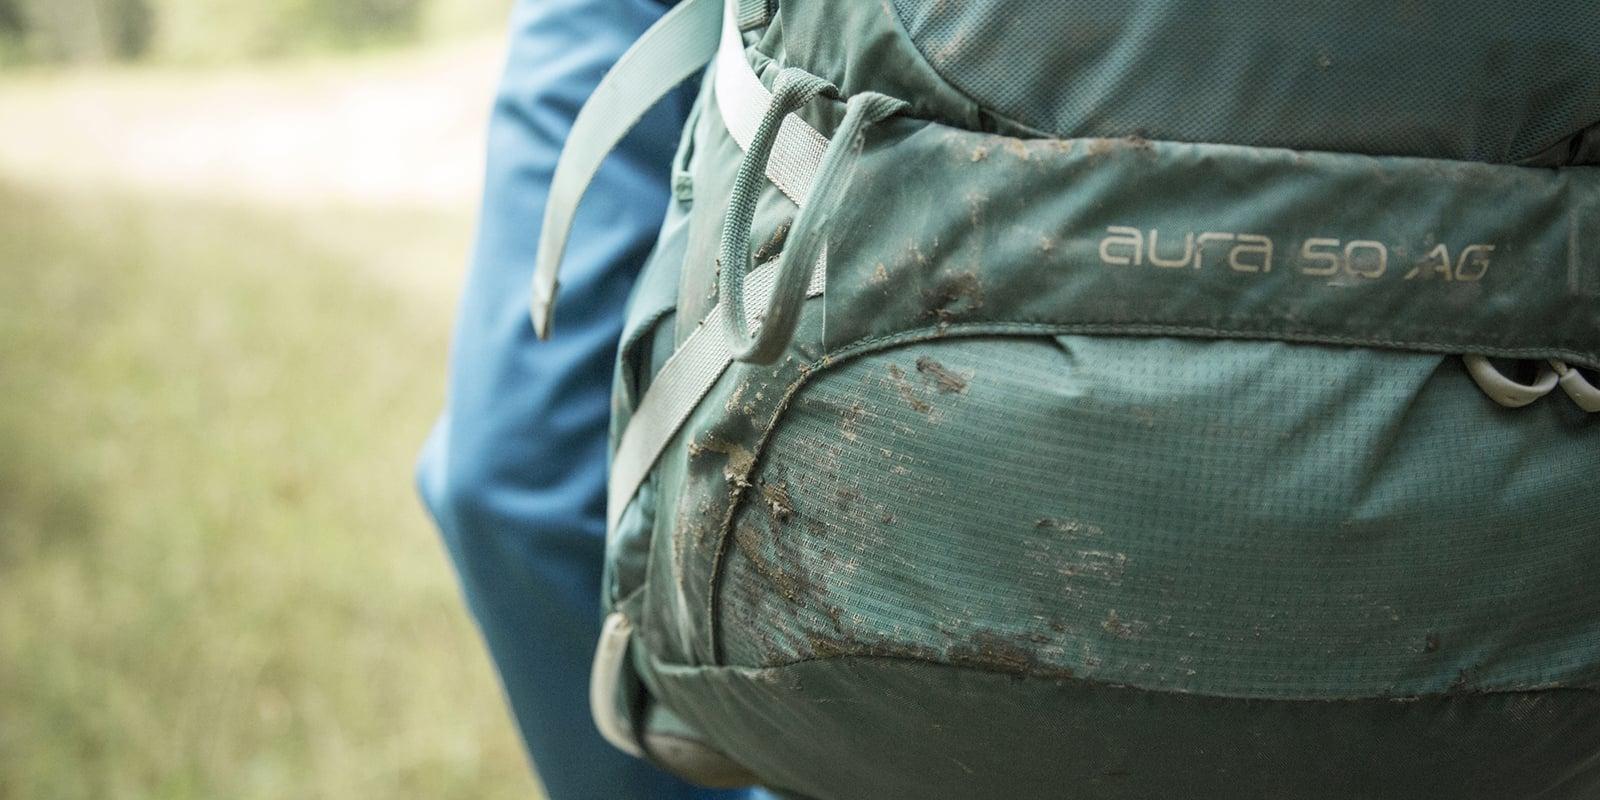 Come lavare lo zaino dopo una escursione?